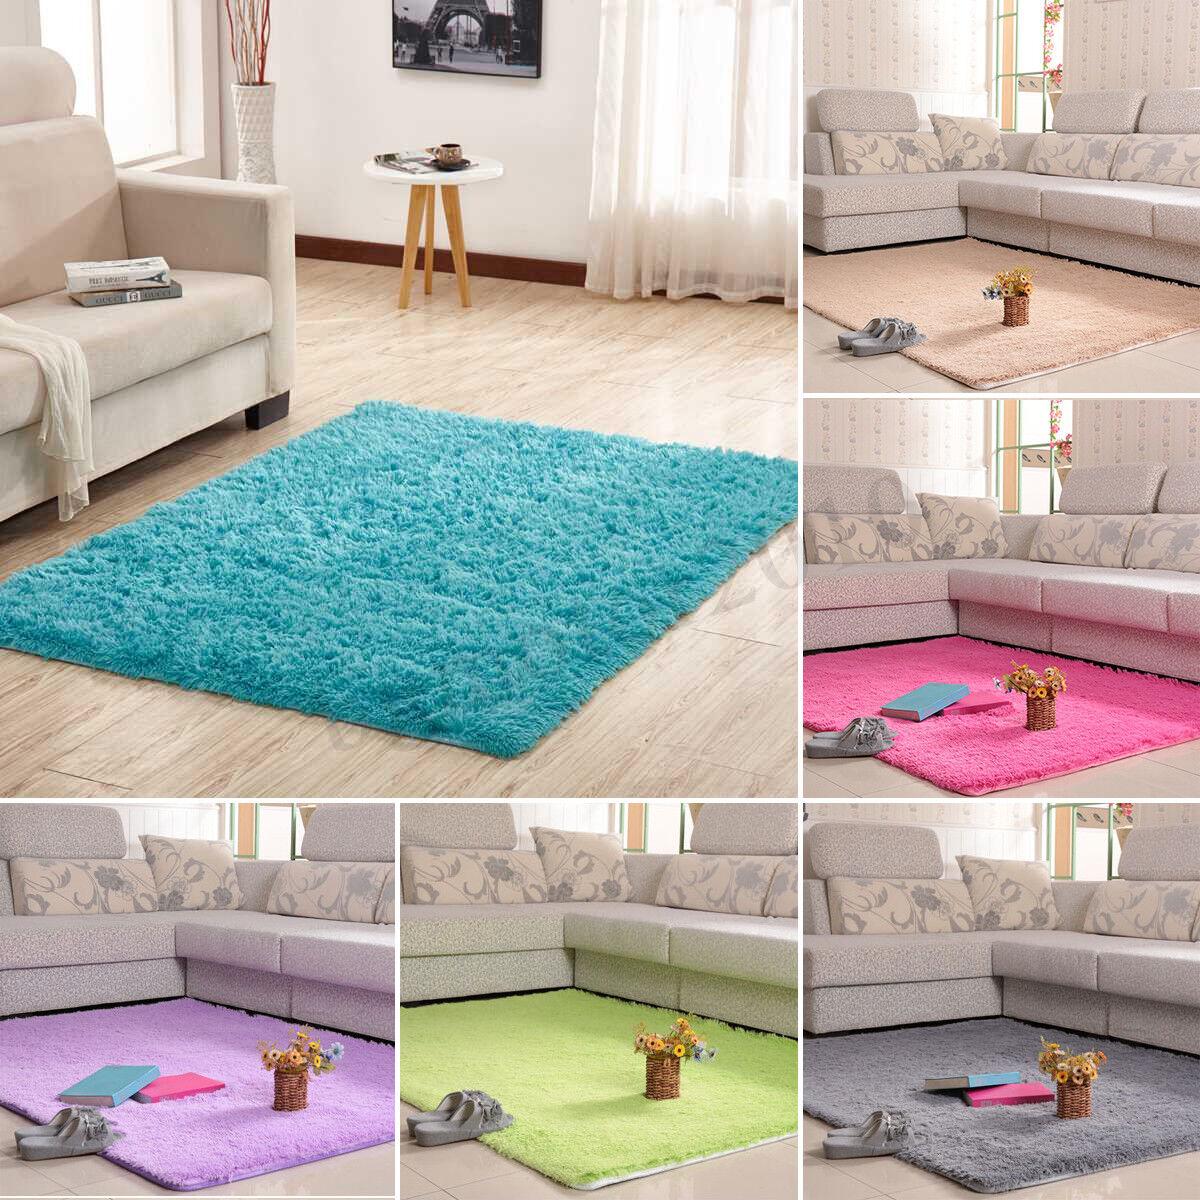 Shag Rug Modern Soft Anti-Skid Fluffy Solid Area rugs All Co